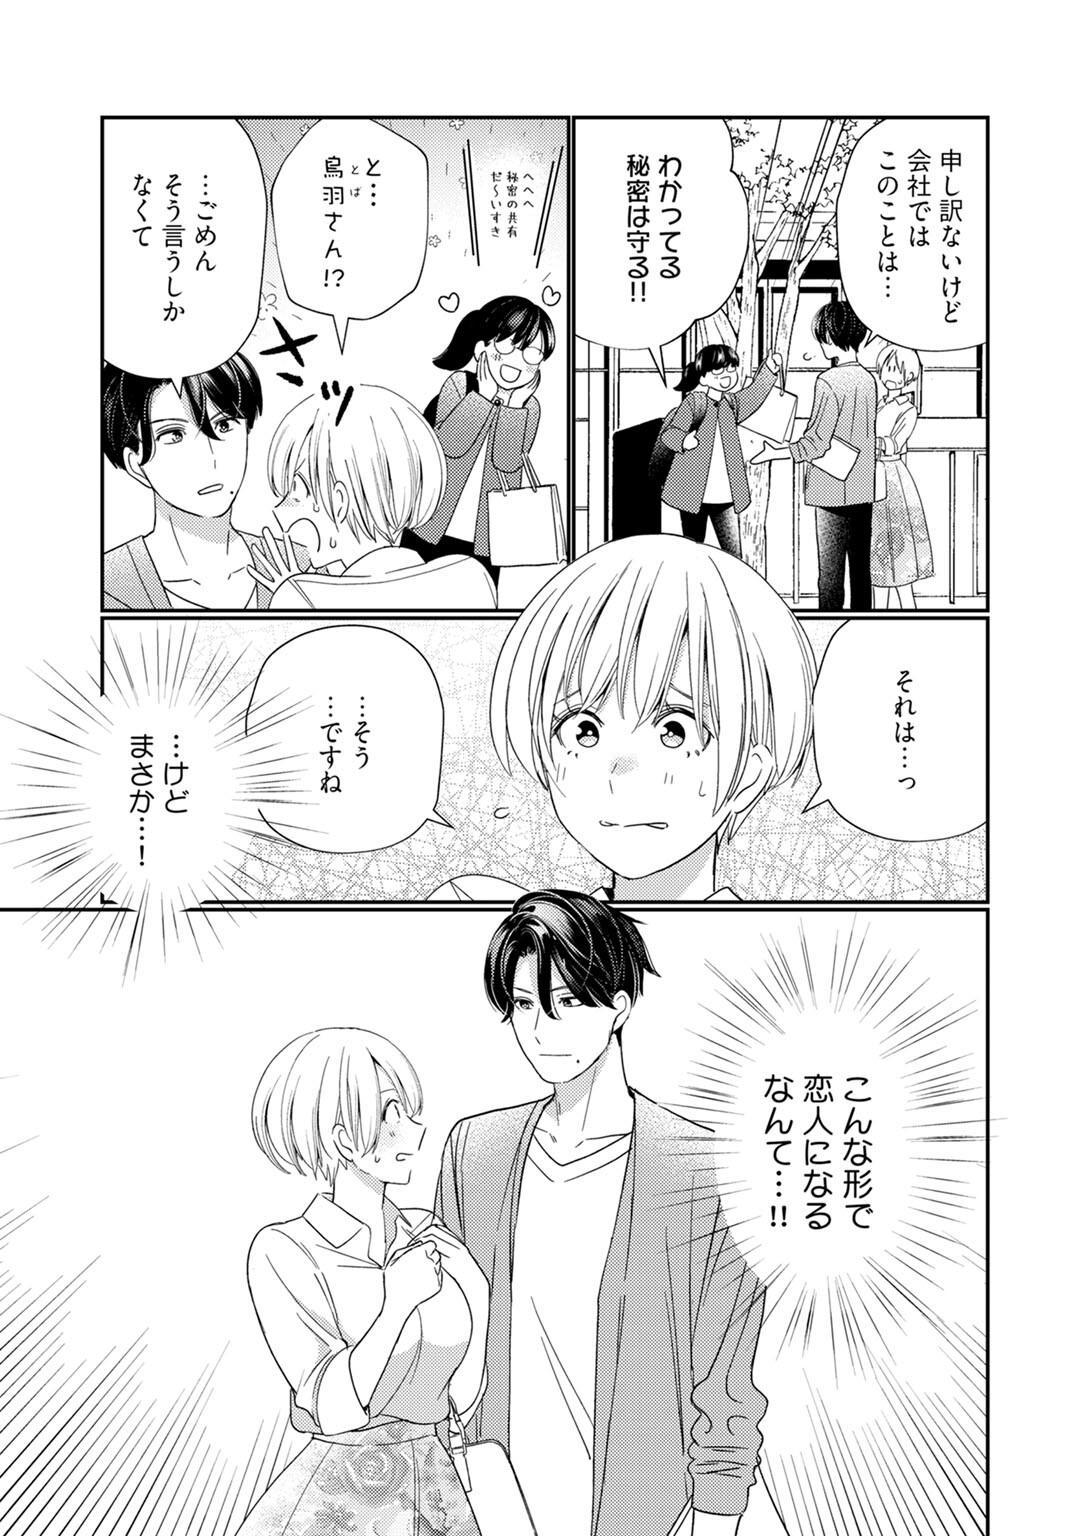 [Okonogi Happa] Kyonyuu-chan to Kyokon Joushi -Kaisha de Musabori Sex- act. 7 4